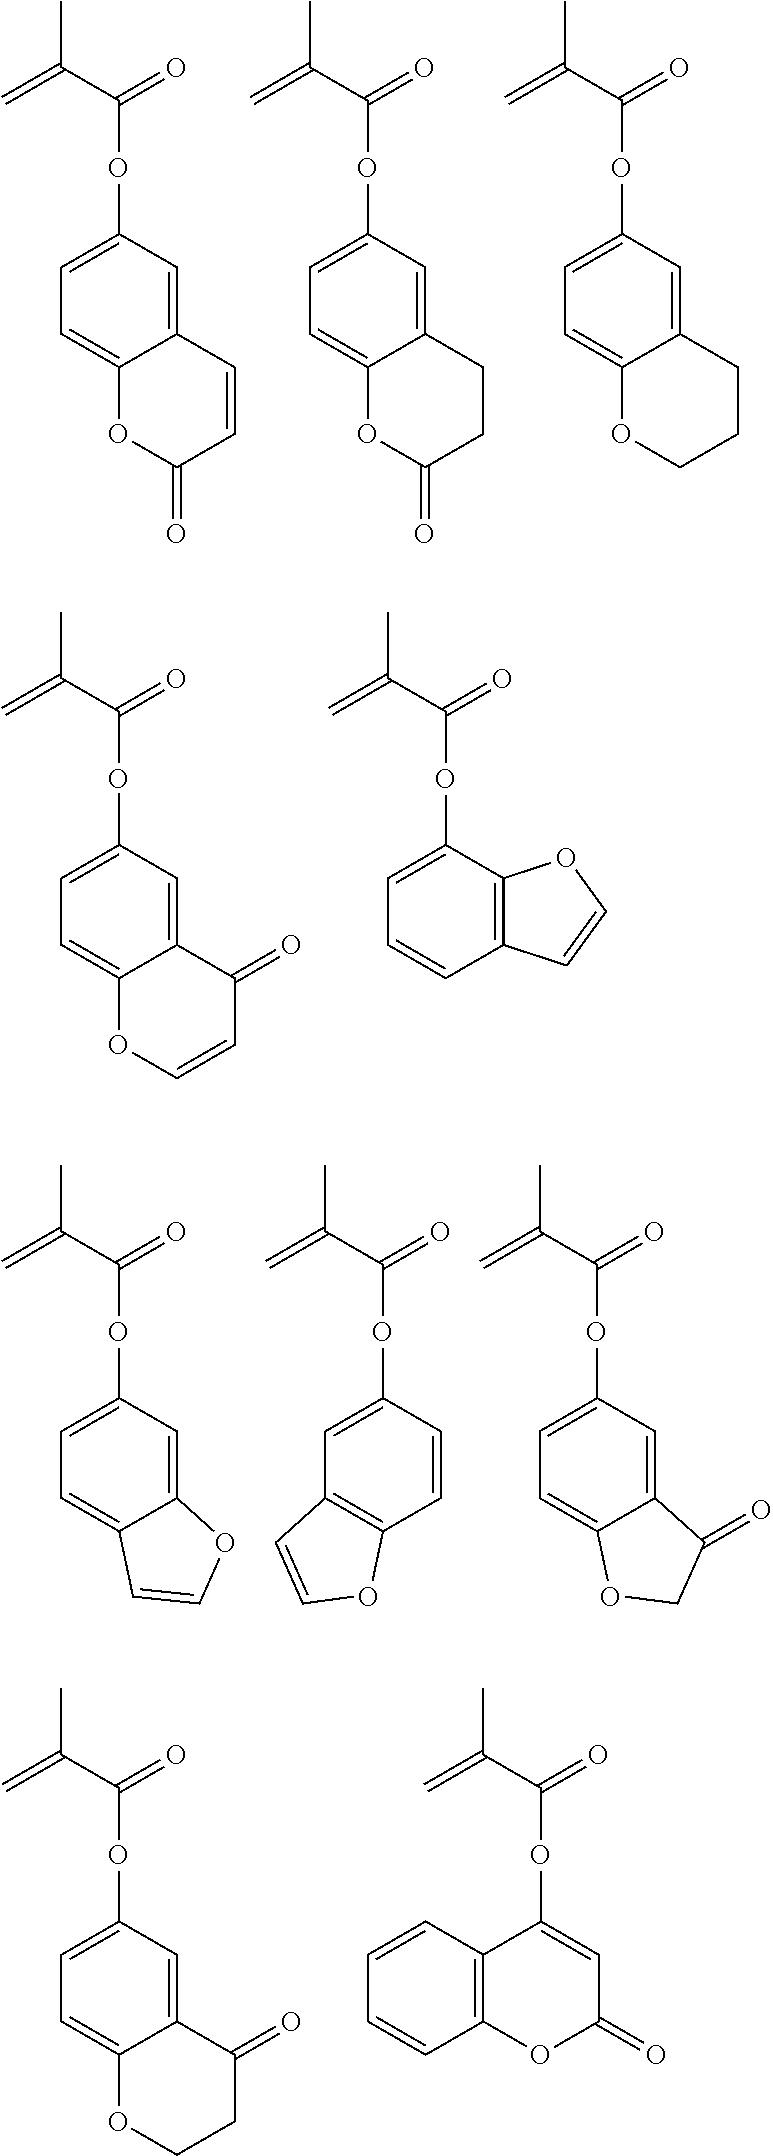 Figure US08652756-20140218-C00054